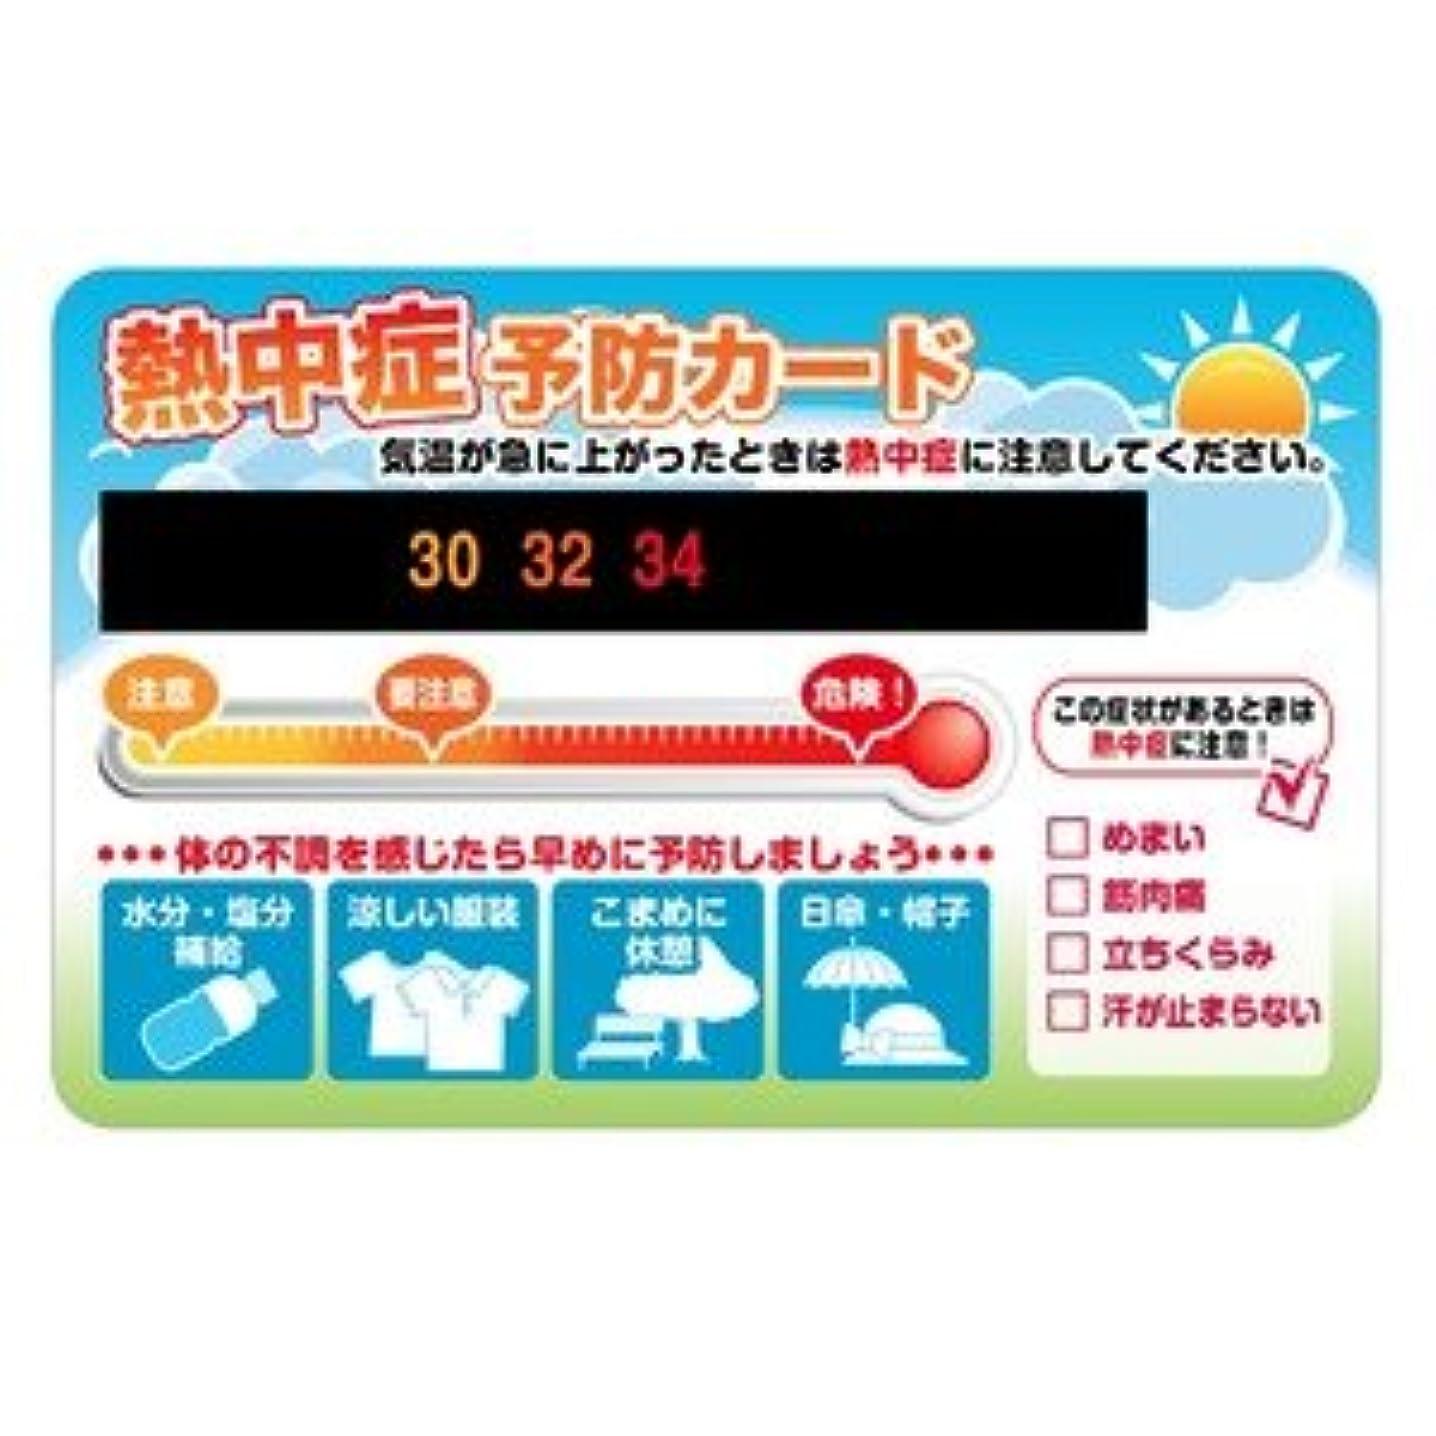 ビーチ矩形産地熱中症予防カード?NE2 【100枚セット】 熱中症対策